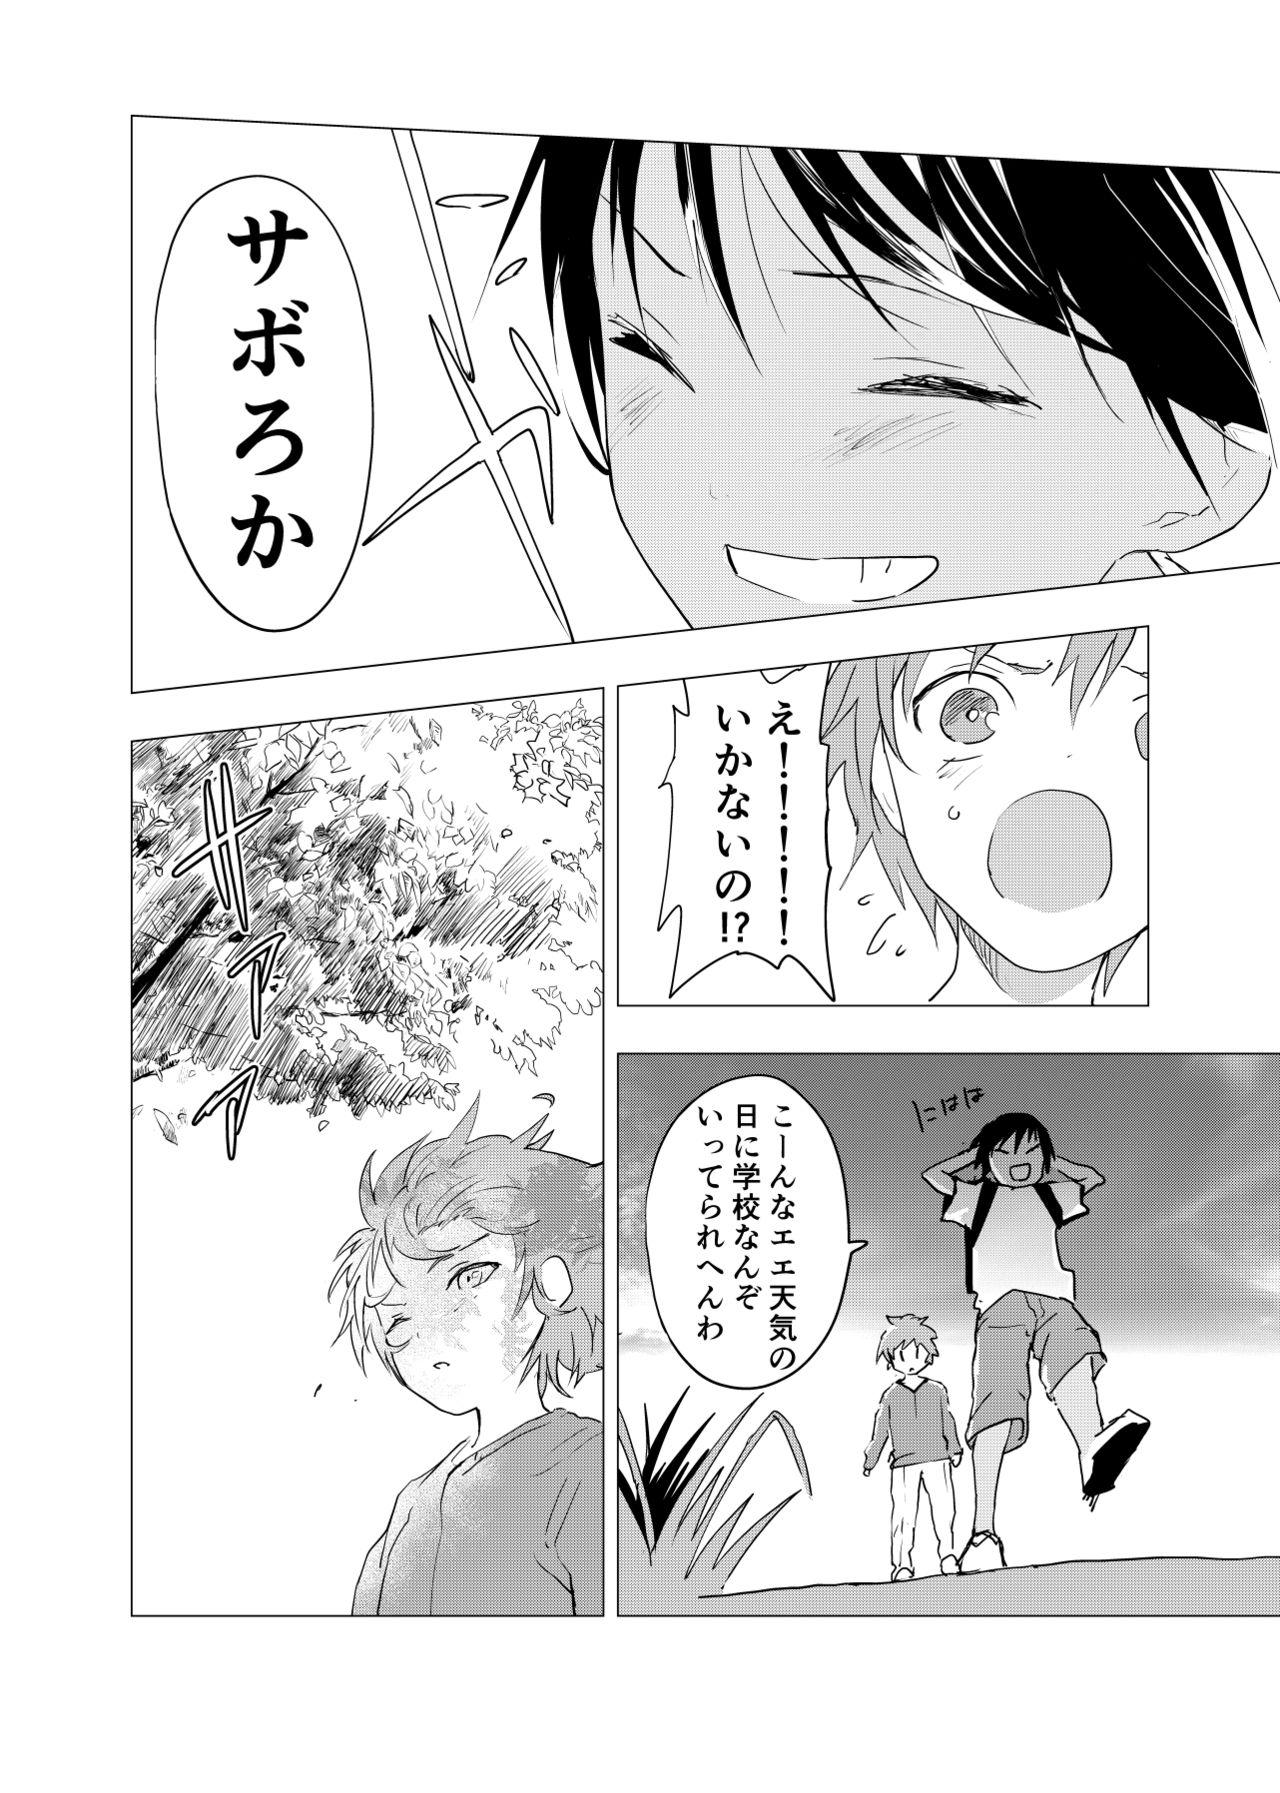 Inaka no Uke Shounen to Tokai no Seme Shounen no Ero Manga 1-6 139